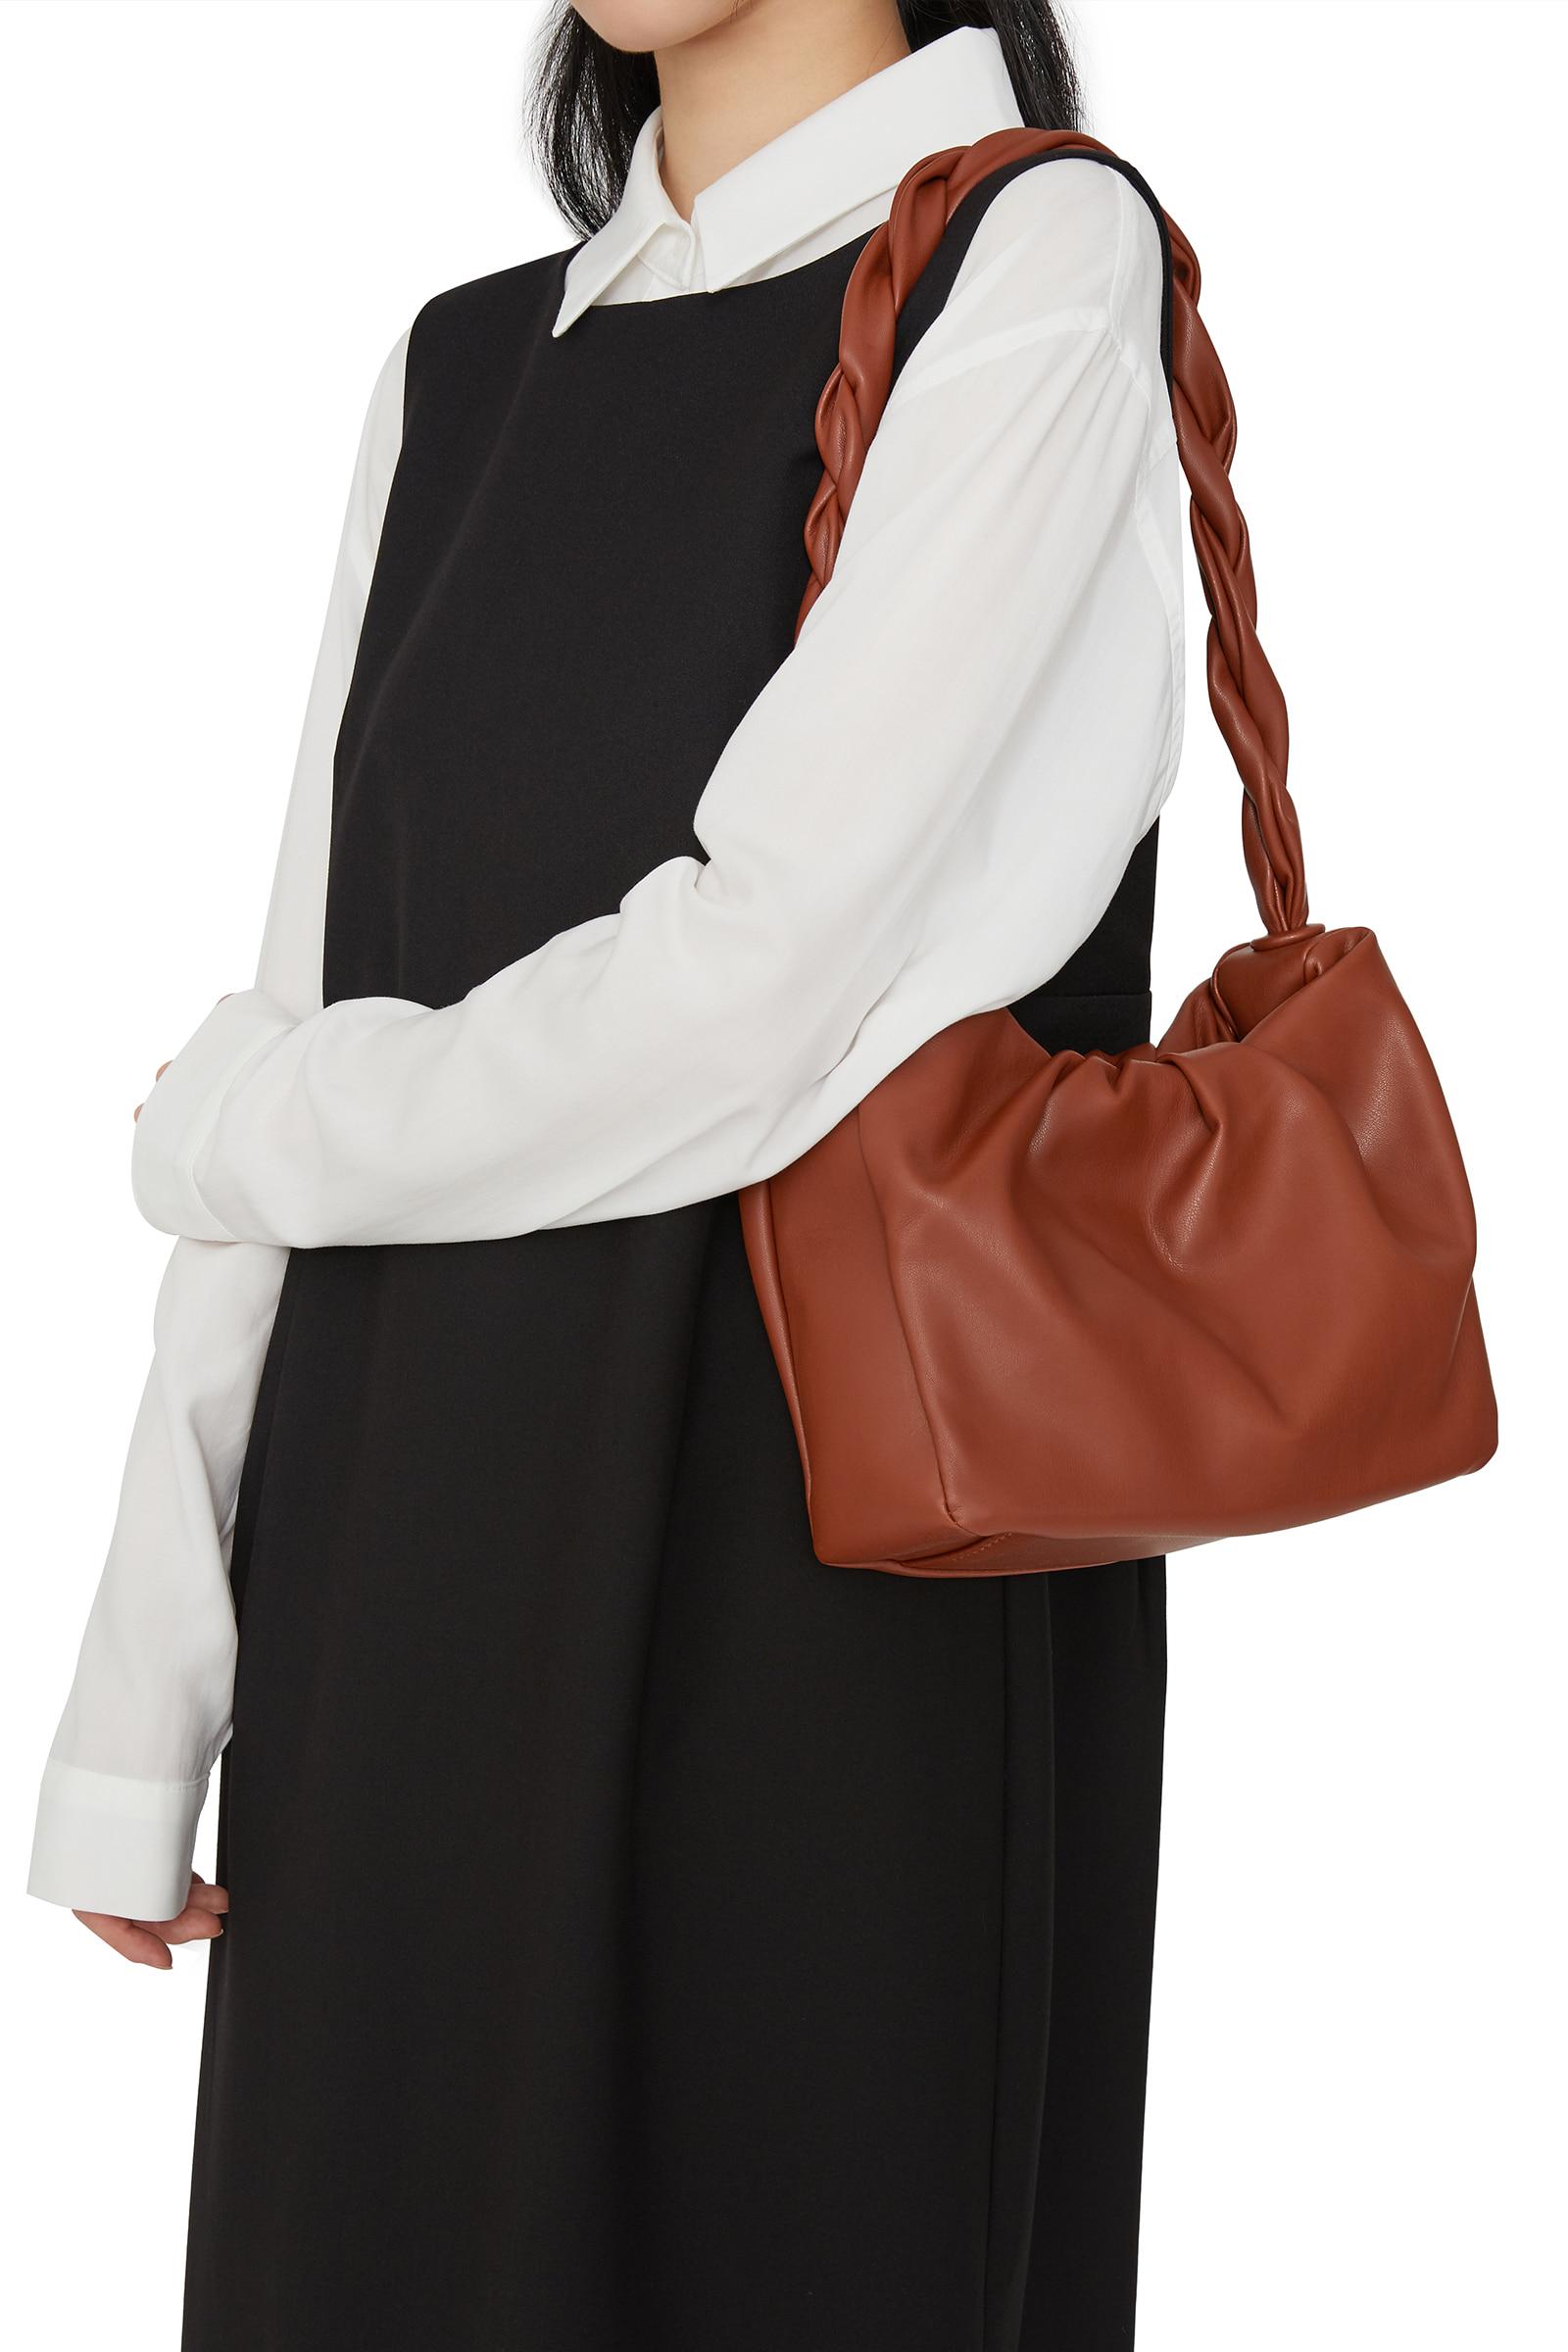 Wish twisted wrinkled shoulder bag